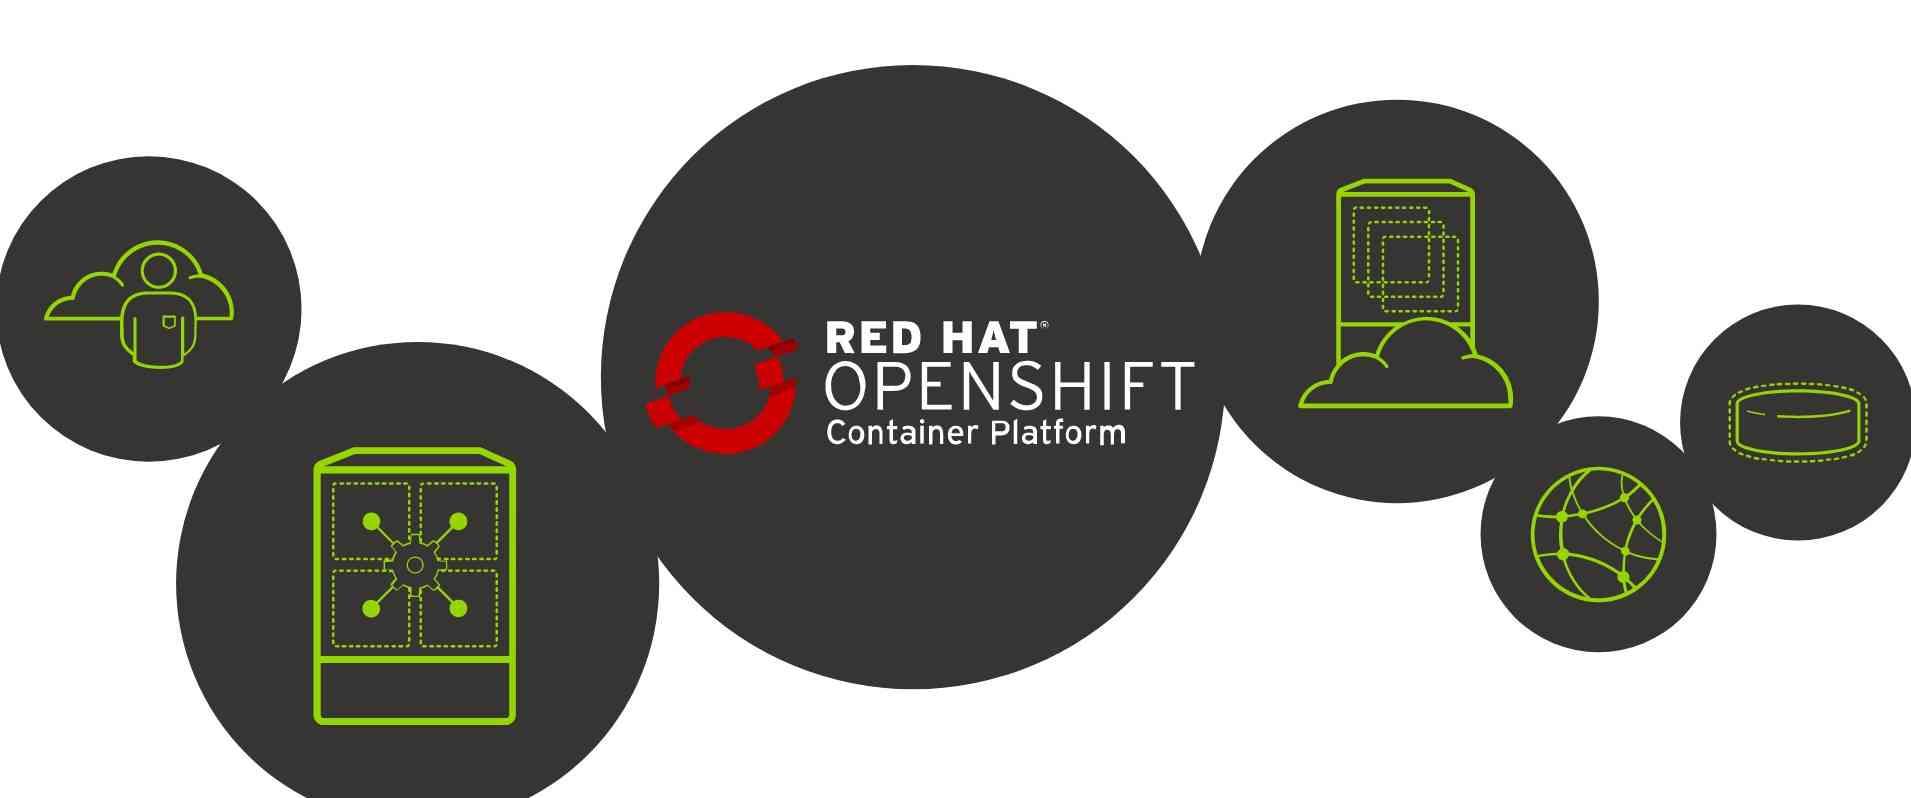 Red Hat presenta el almacenamiento versátil definido por software para aplicaciones nativas cloud en Red Hat Open Shift Container Platform 2